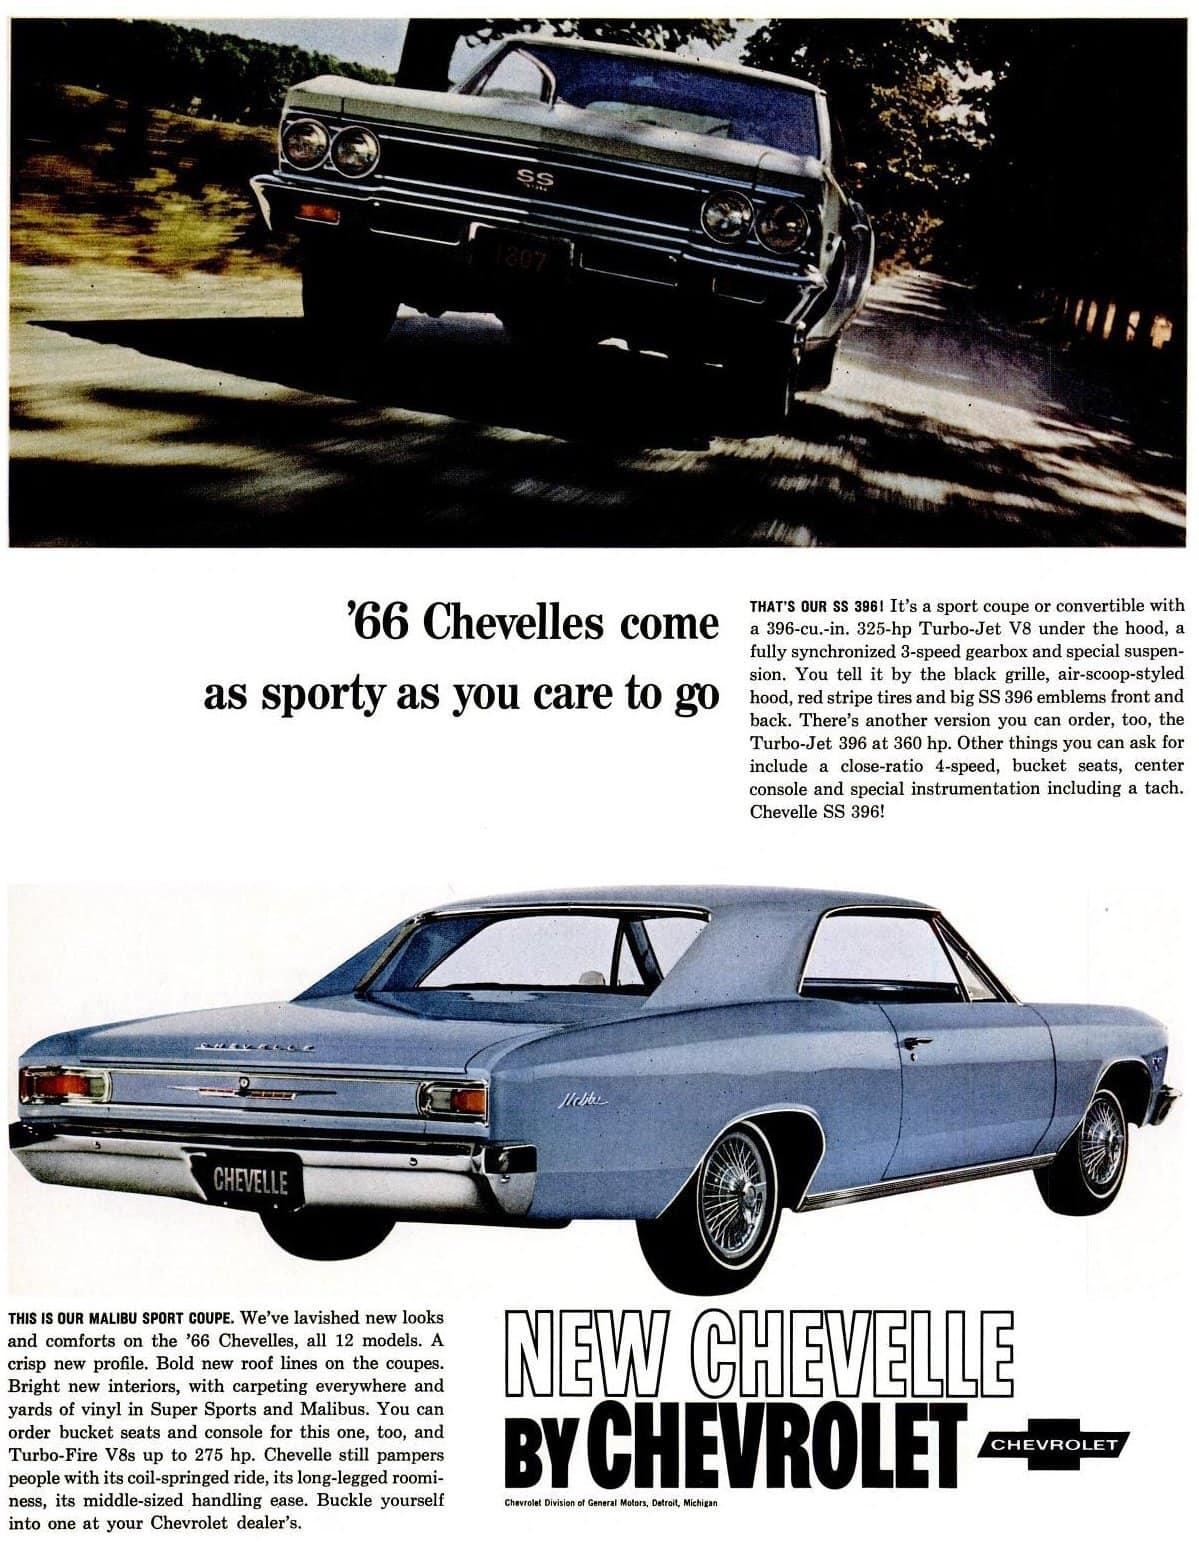 1966 Chevelle cars - Chevrolet